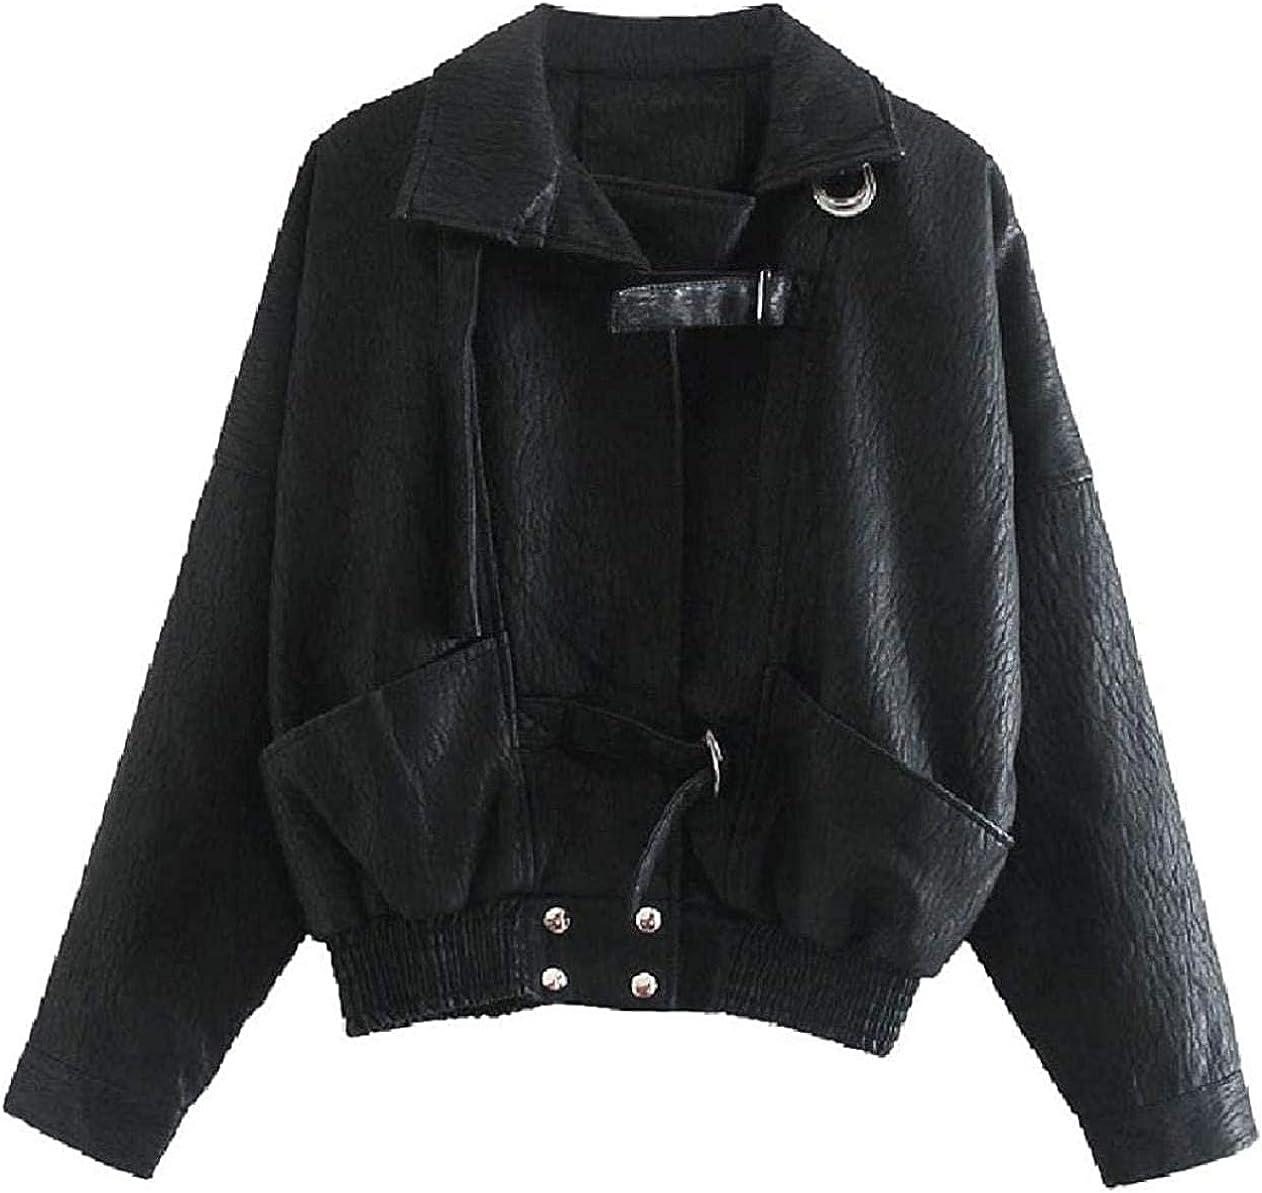 Women's Top Coat Slim Retro Short Baggy Biker Pu Leather Jacket